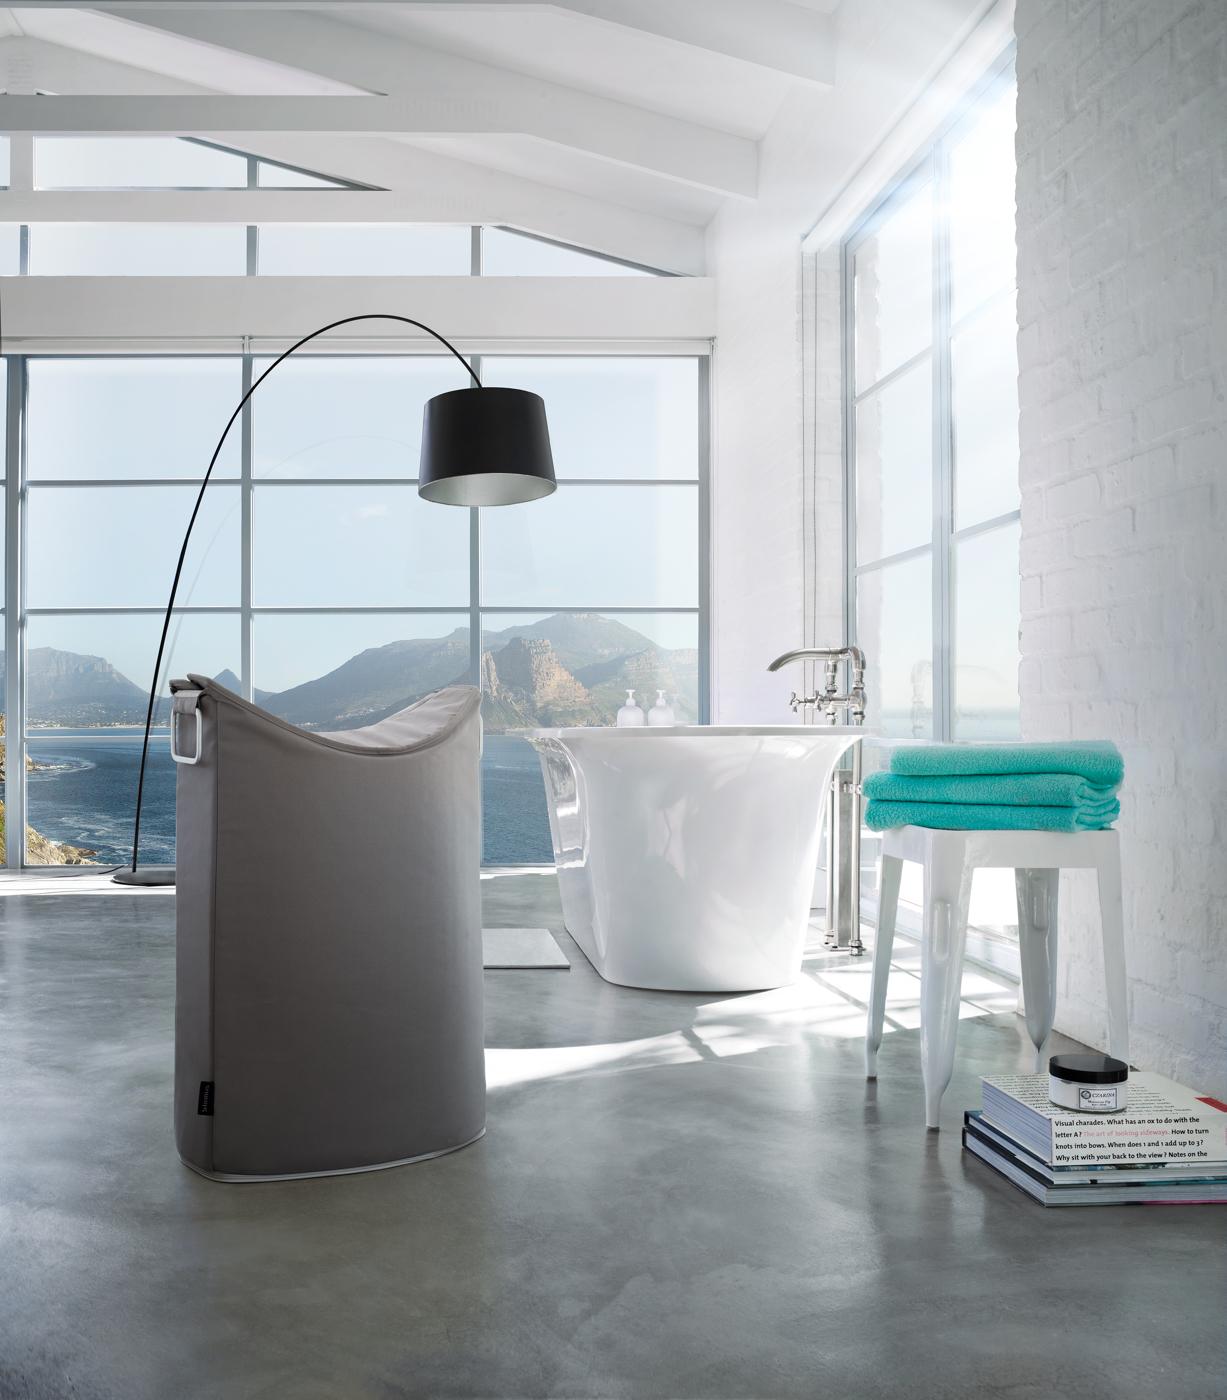 Frisco-tvättkorg-sandfärgad3-brunnsboden-65382